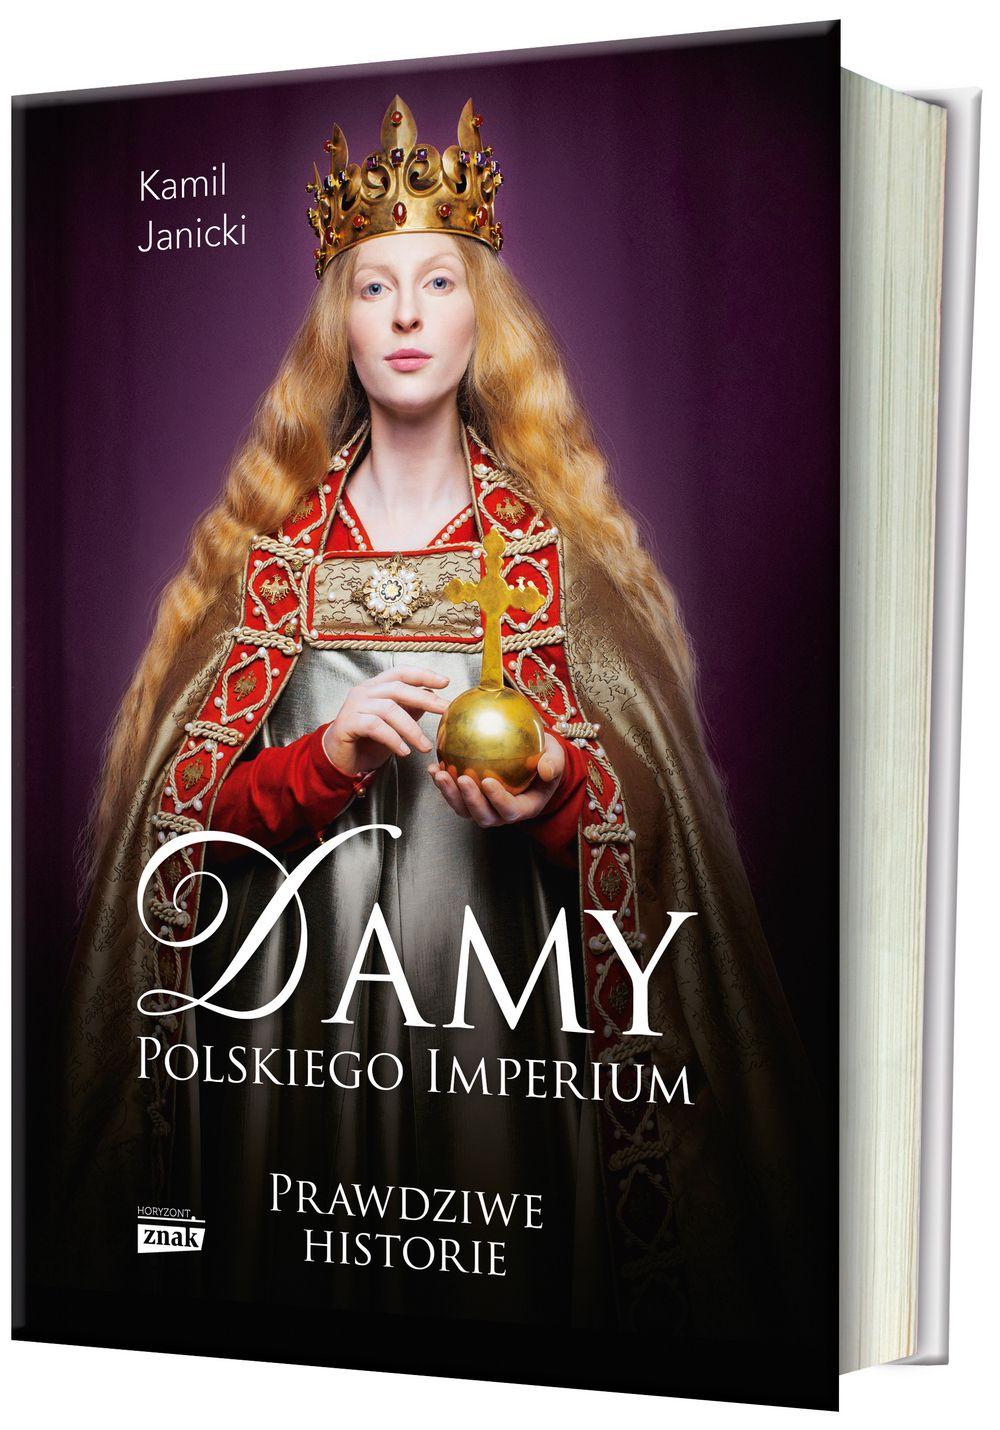 Kup nową książkę Kamila Janickiego z autografem w naszej księgarni aż 35% taniej.